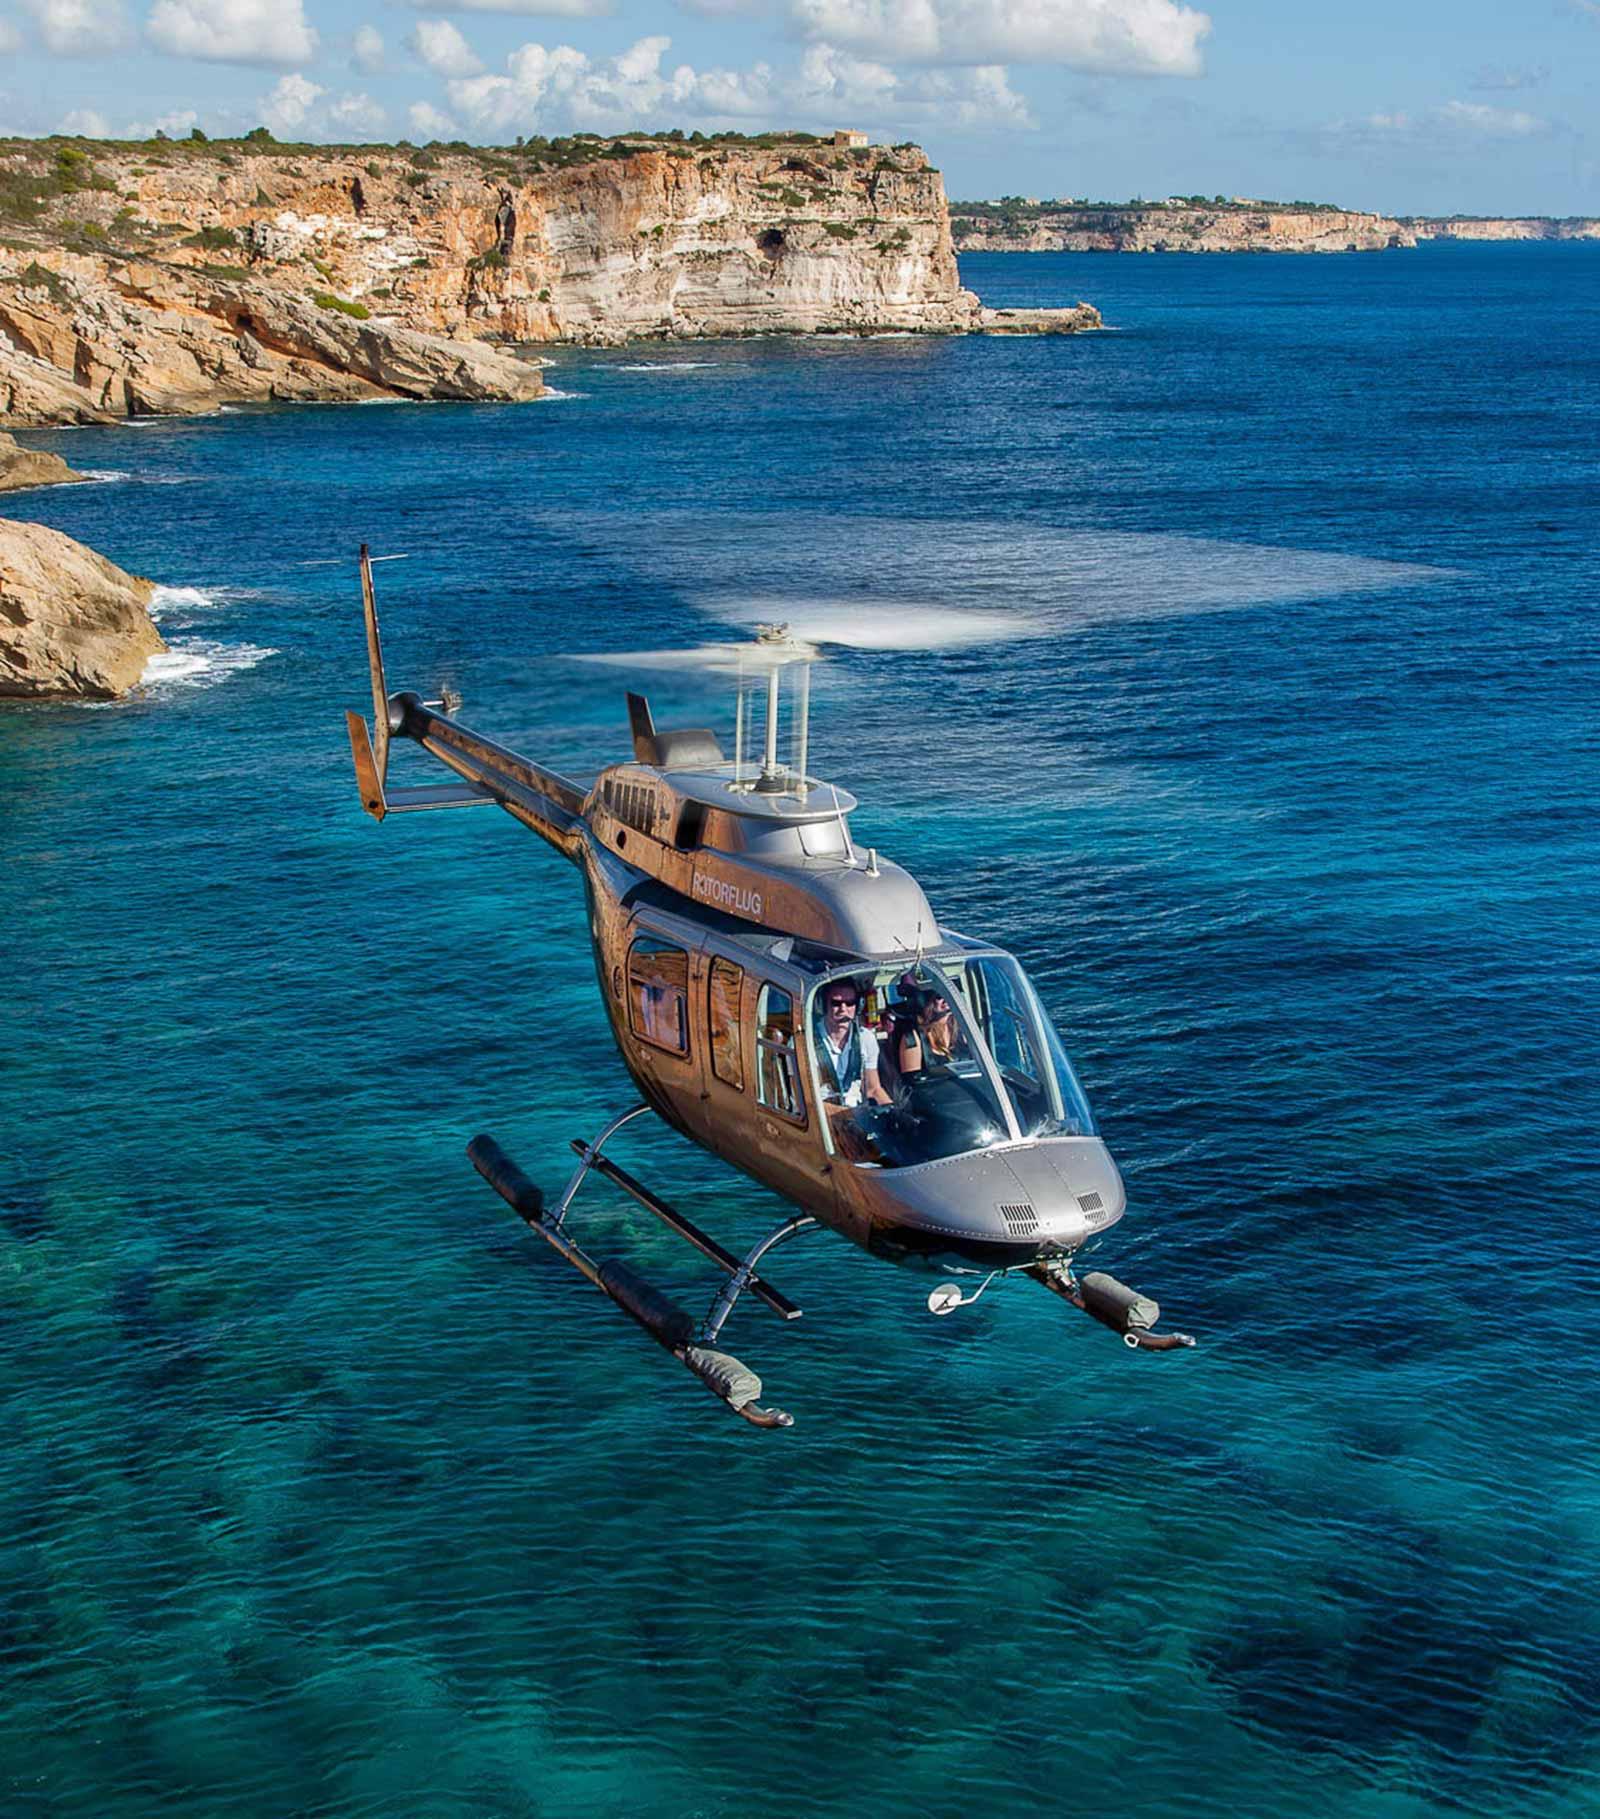 Helikopter-Shuttle-Mallorca-Helikopter-Transfer-Mallorca-1